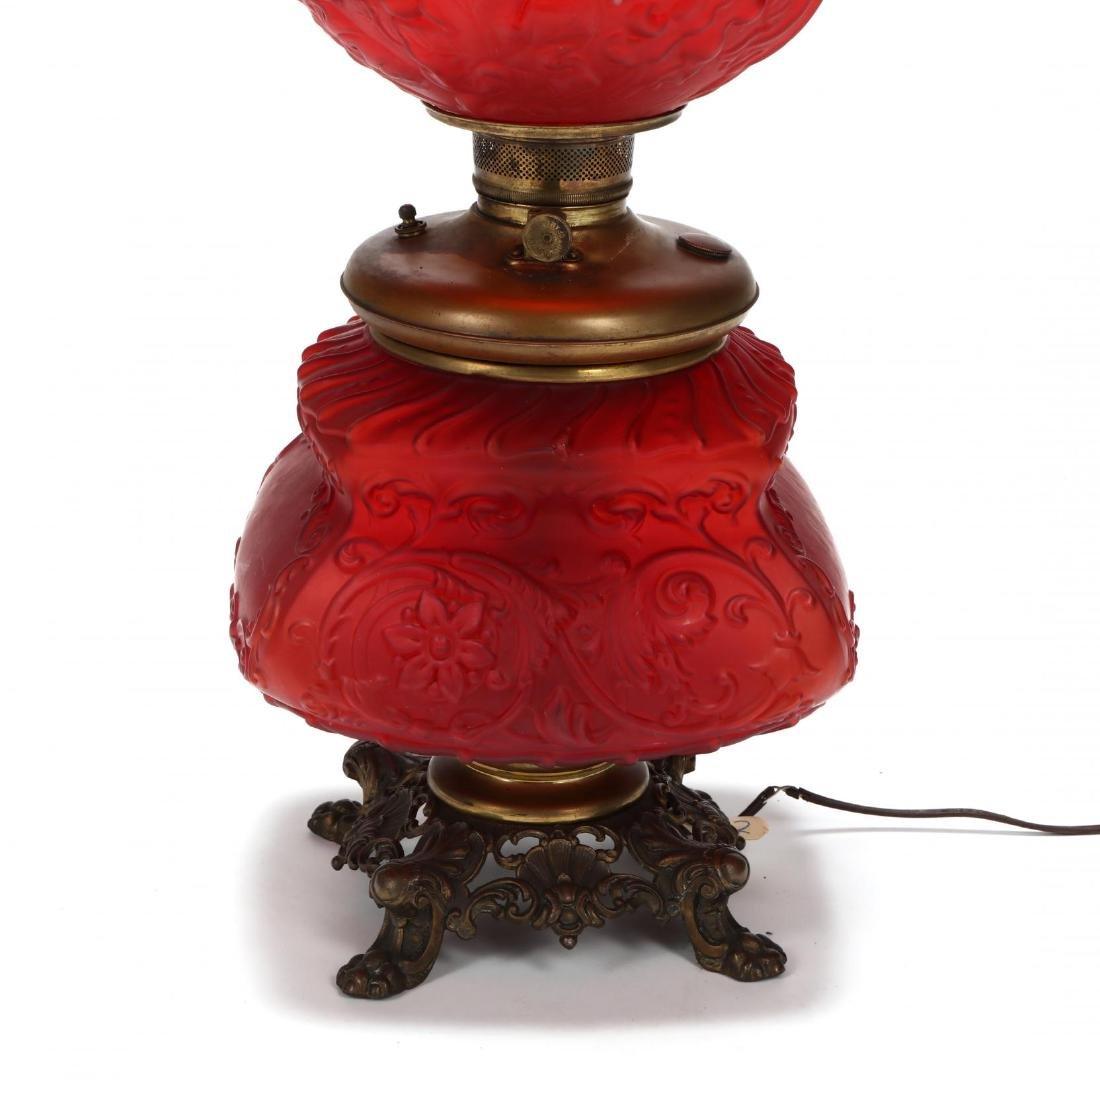 Antique American Oil Lamp - 3